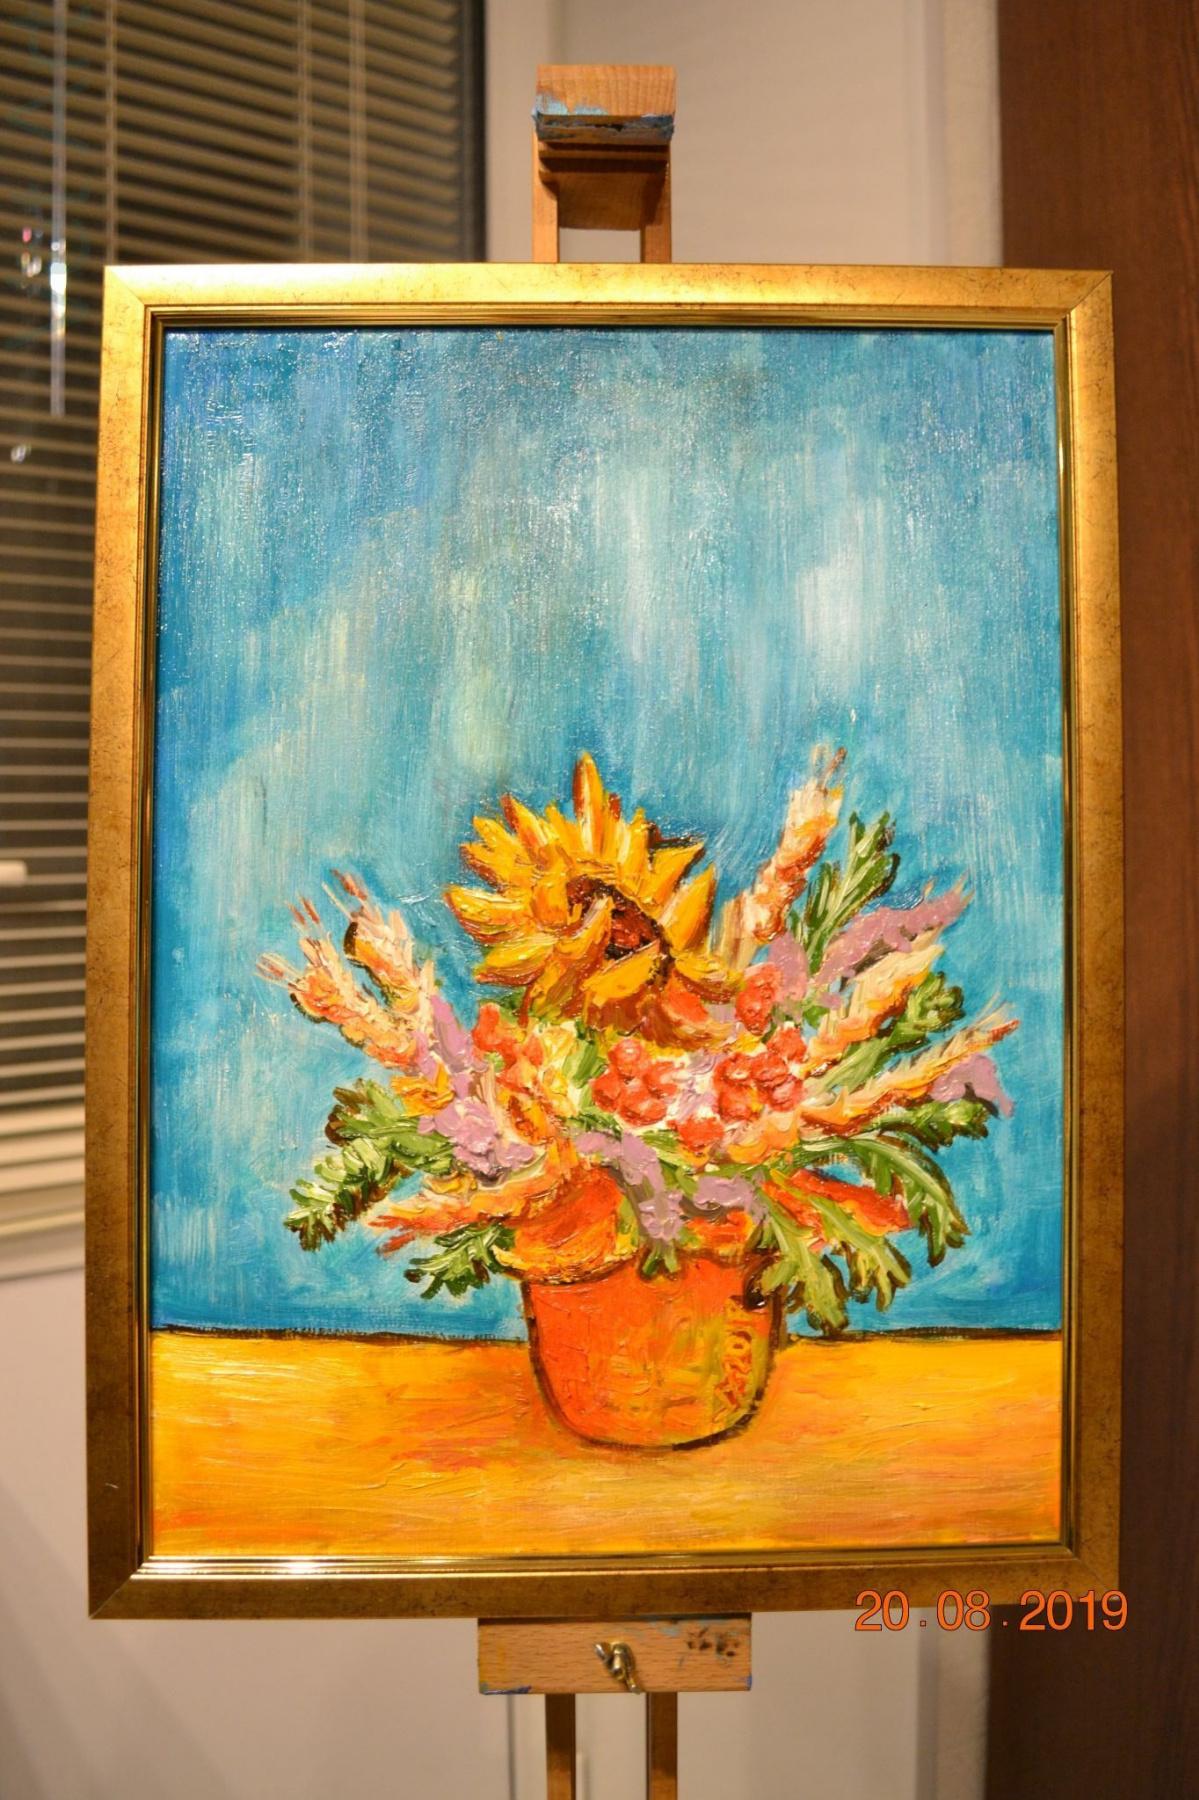 Konstantin Vizgalin. Bouquet with a sunflower